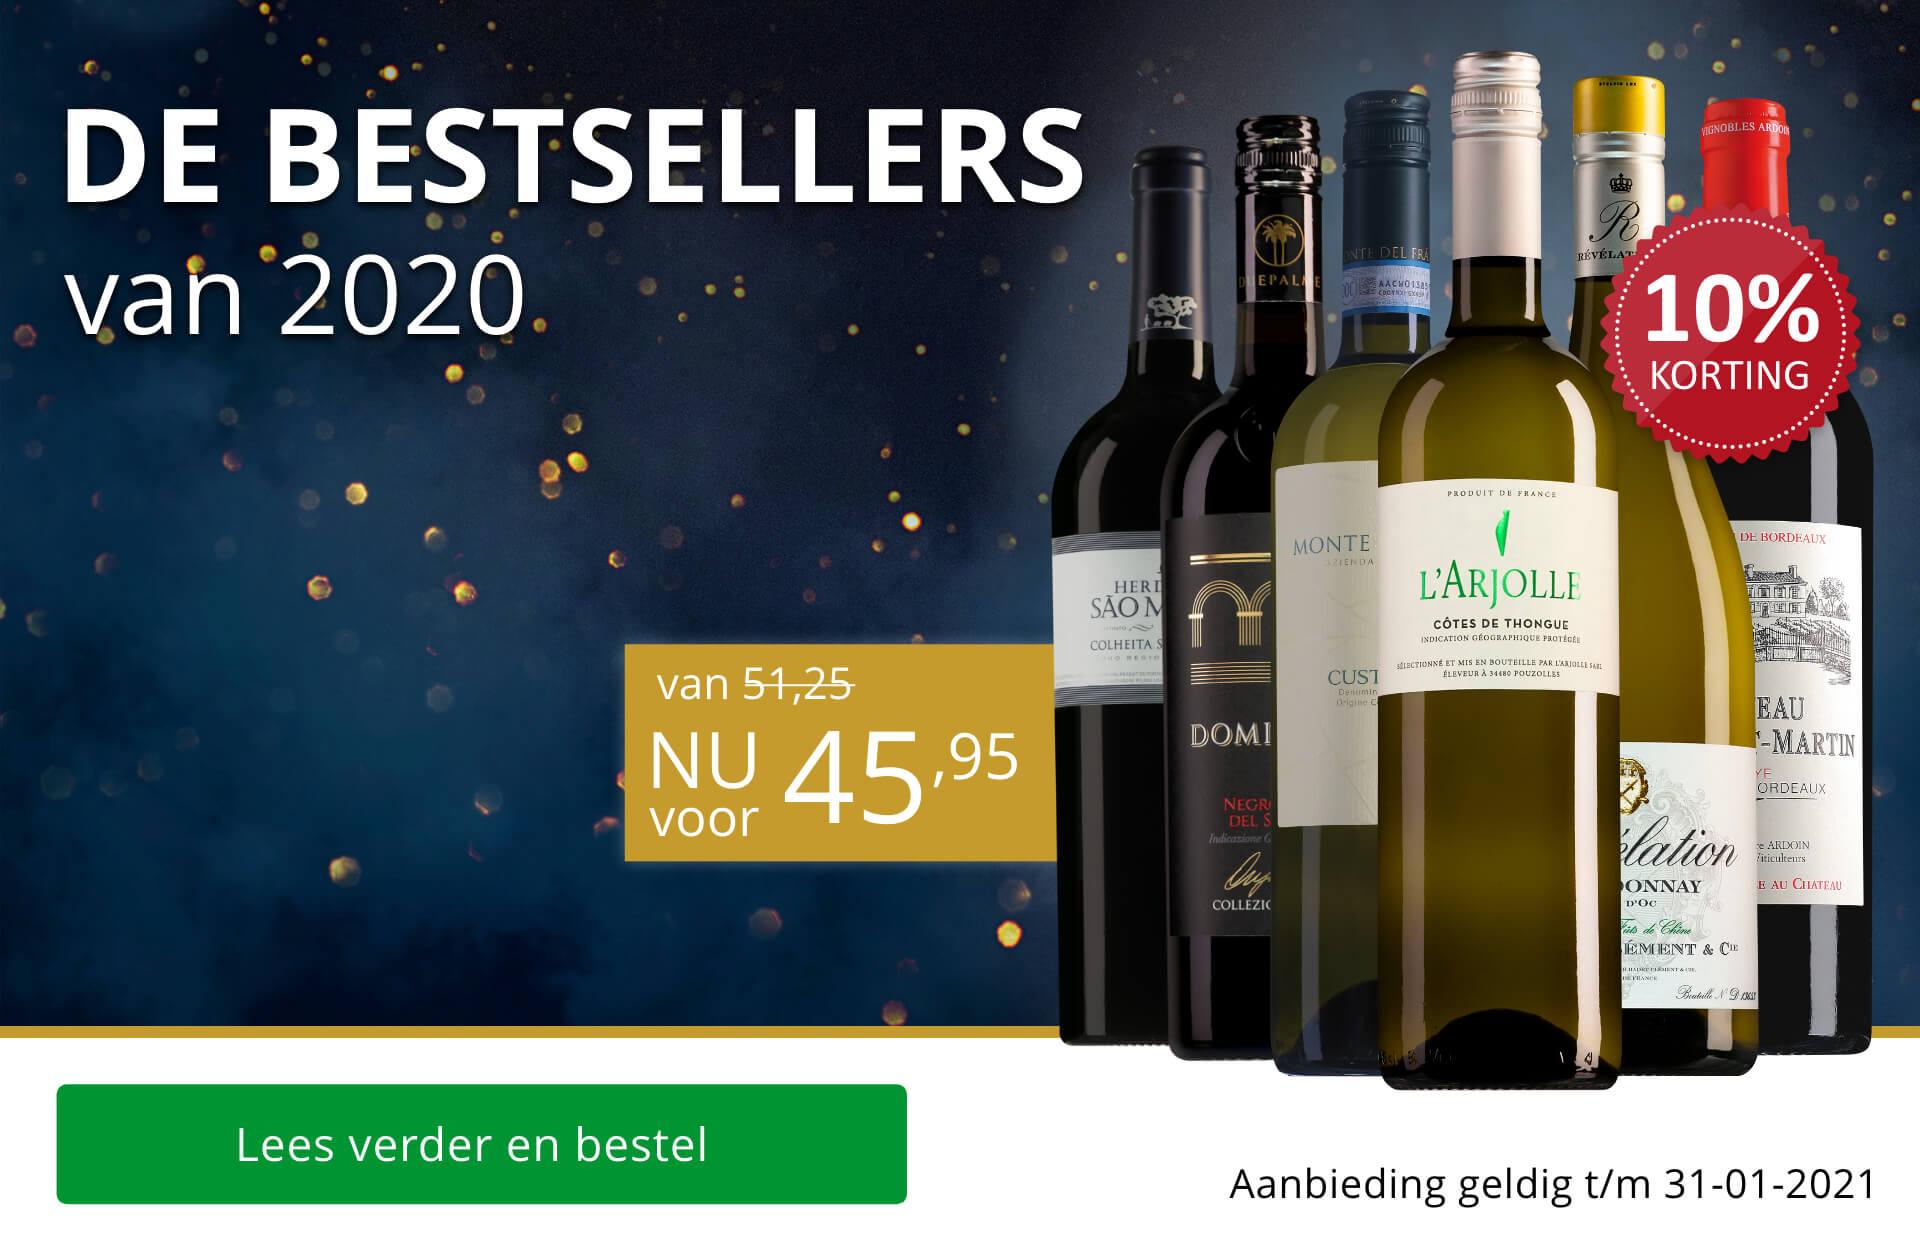 Wijnpakket Bestsellers van 2020